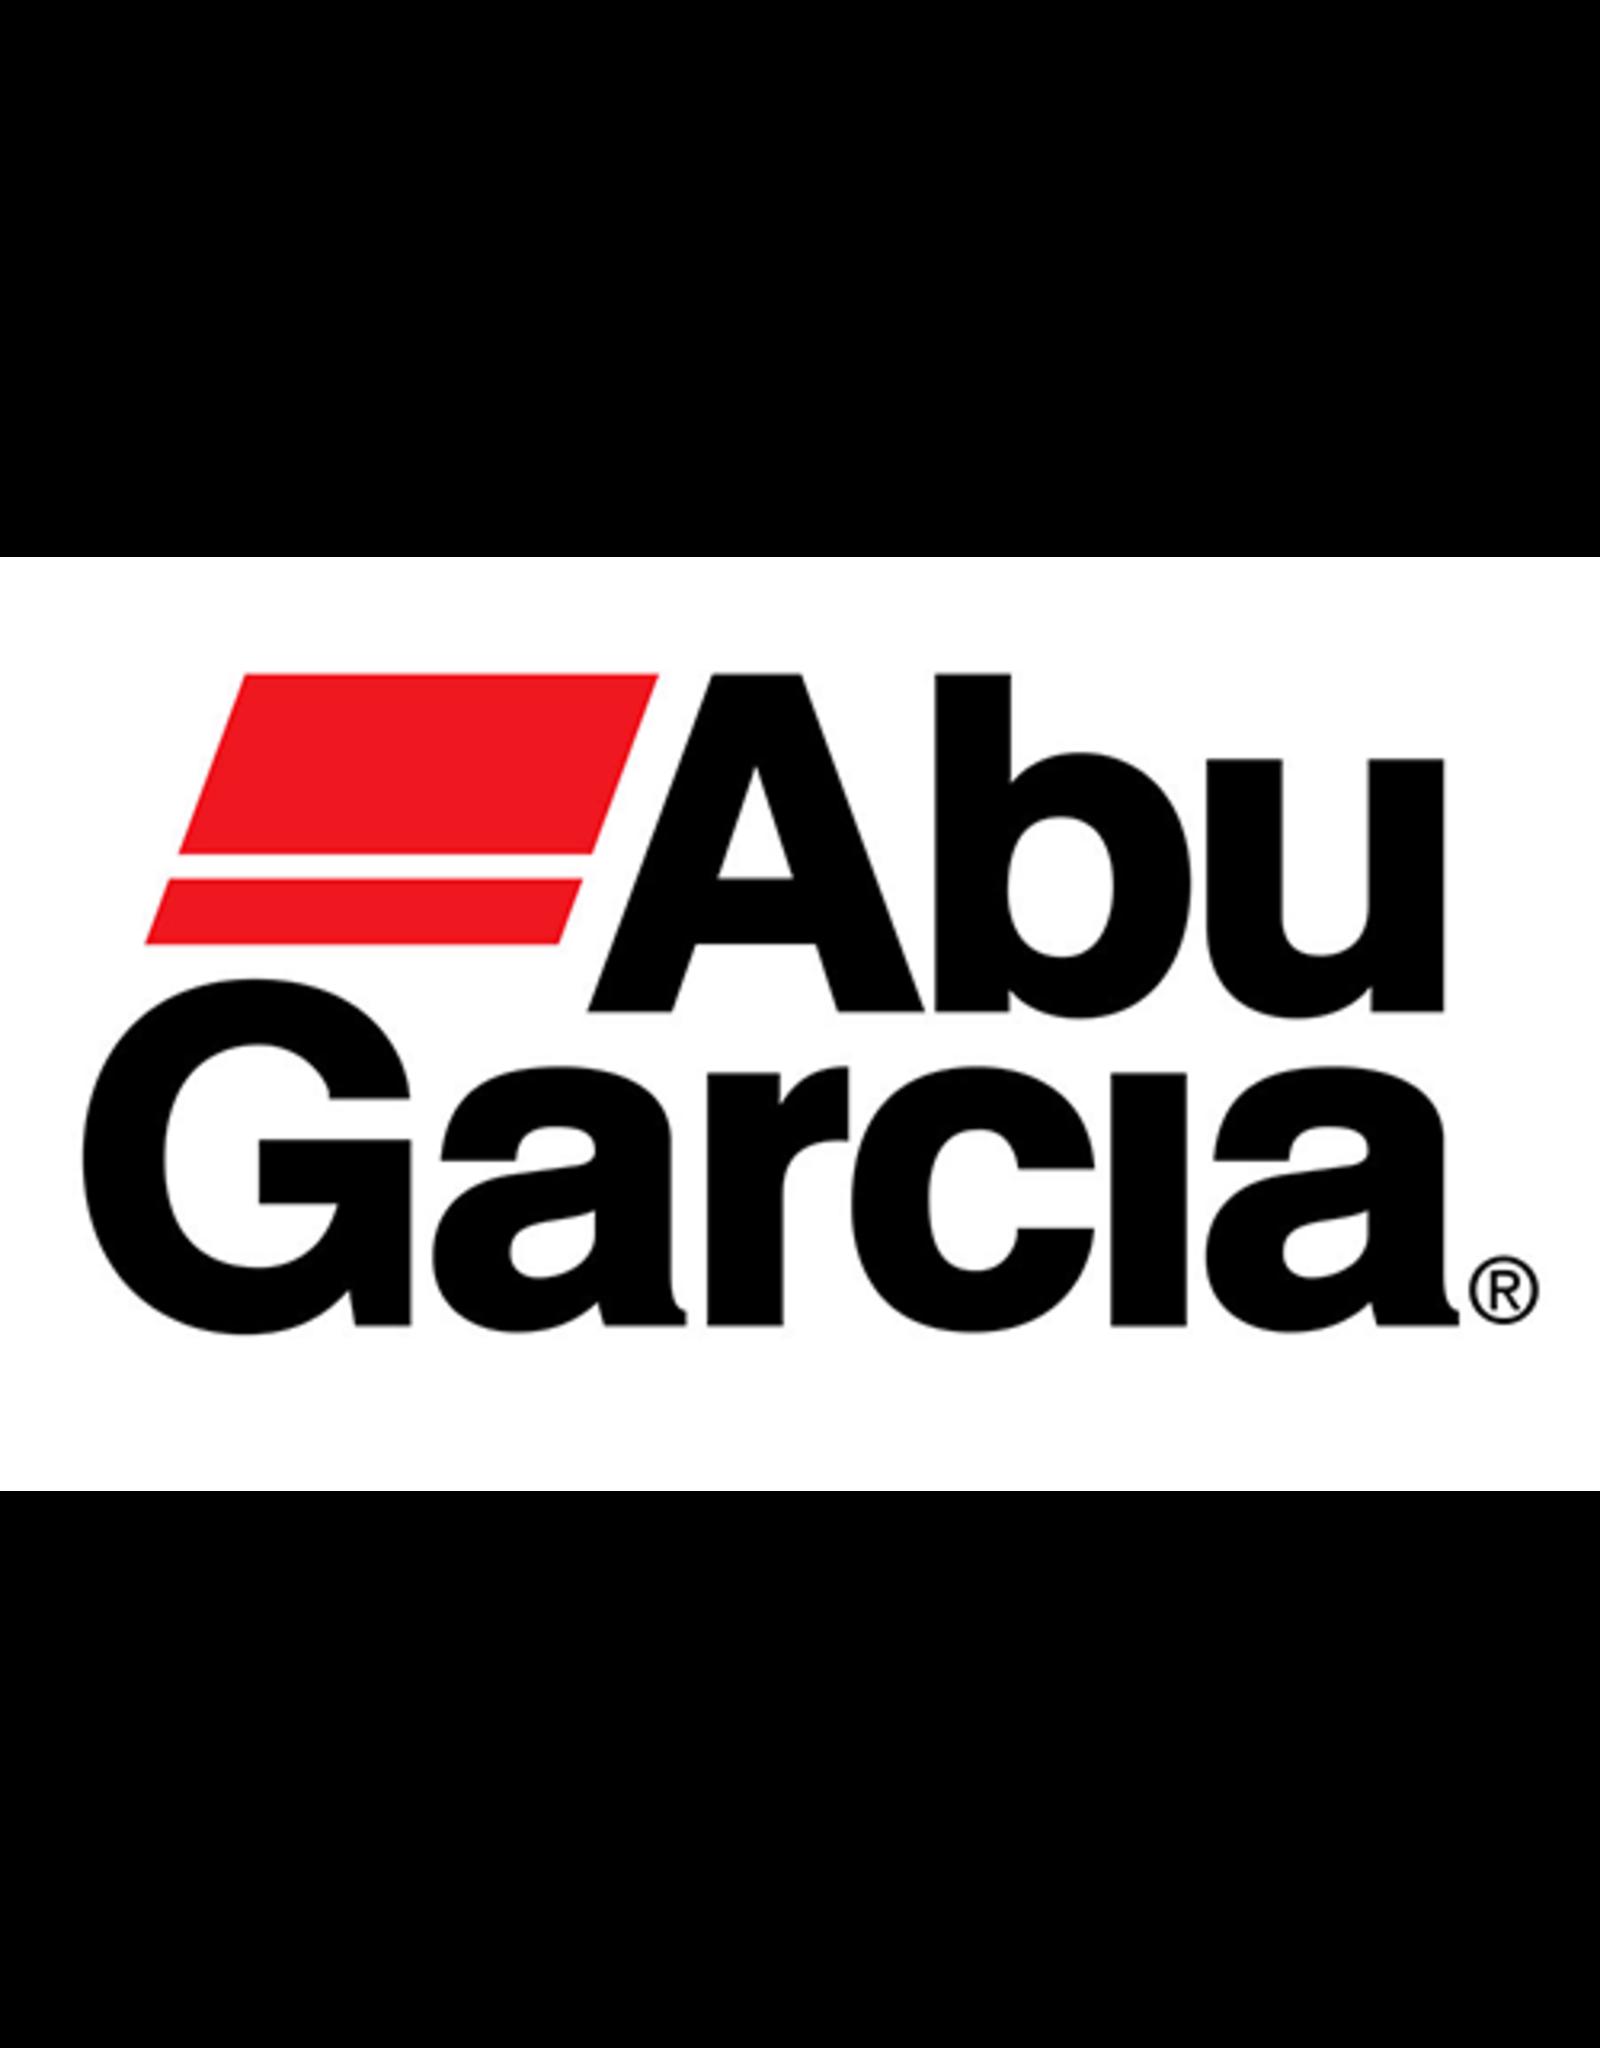 Abu Garcia EMBLEM